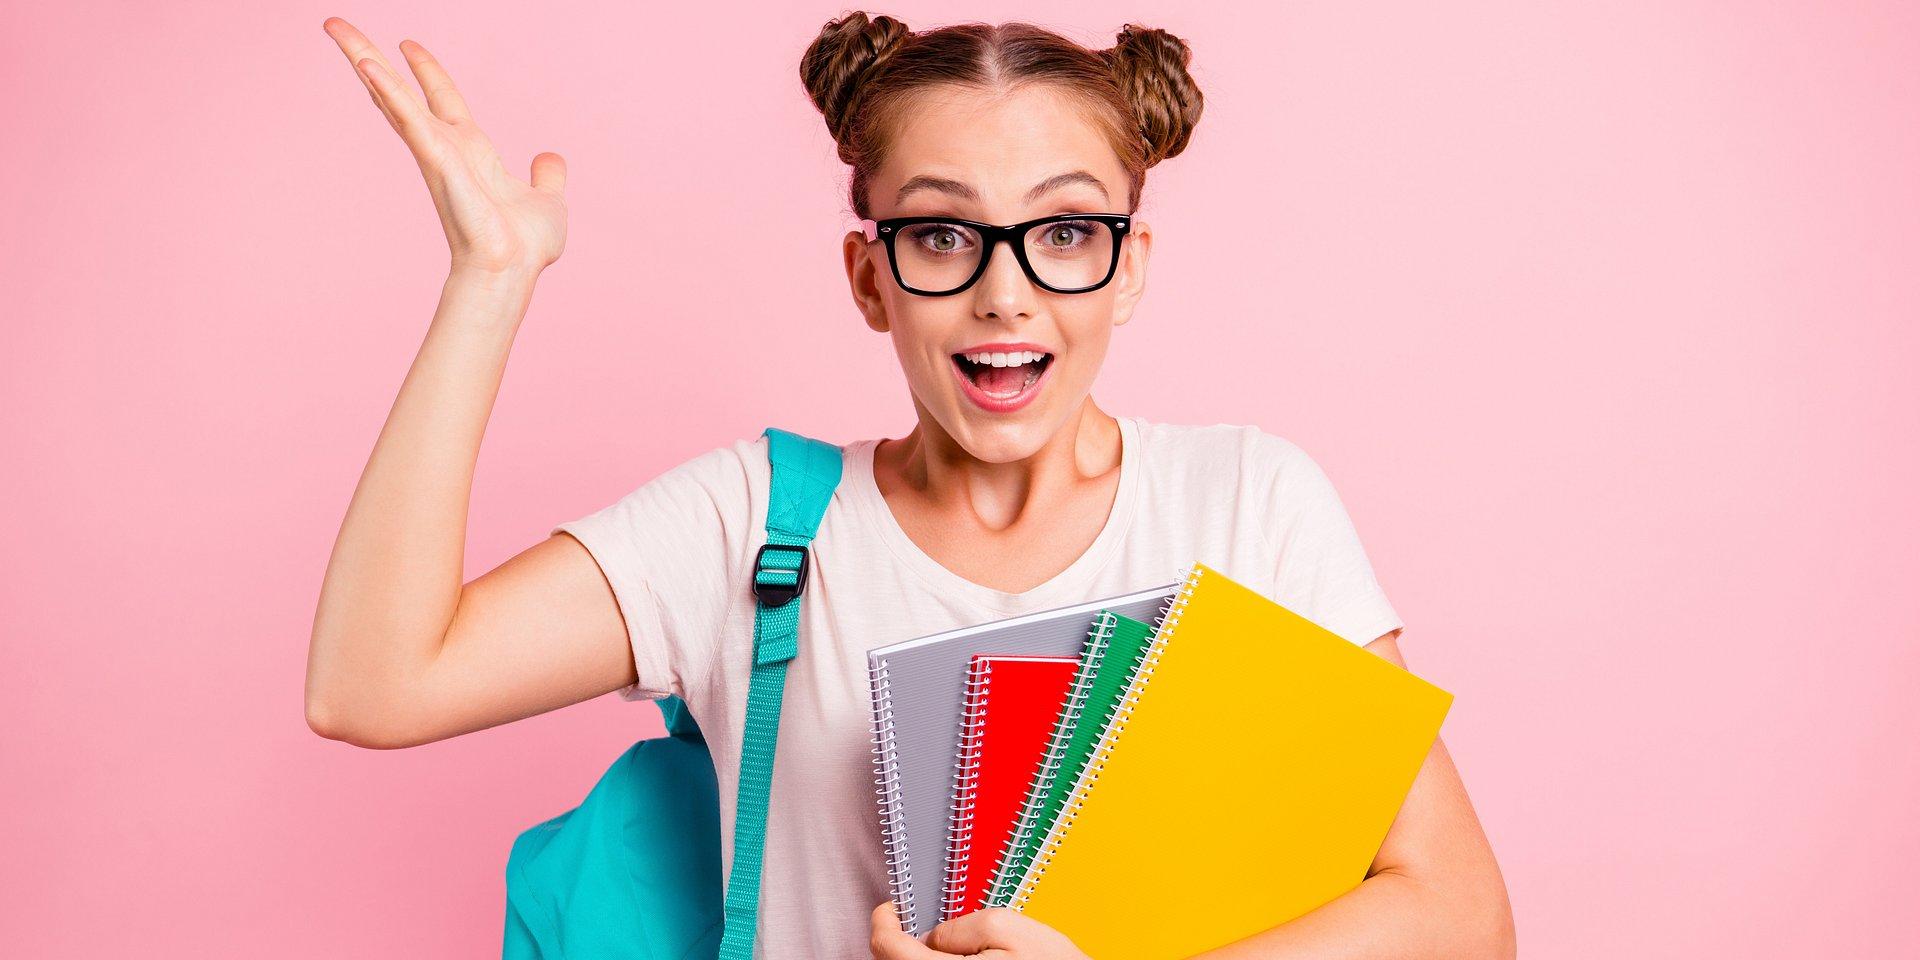 Uparty jak nastolatek - czyli jak przekonać dziecko do noszenia okularów?